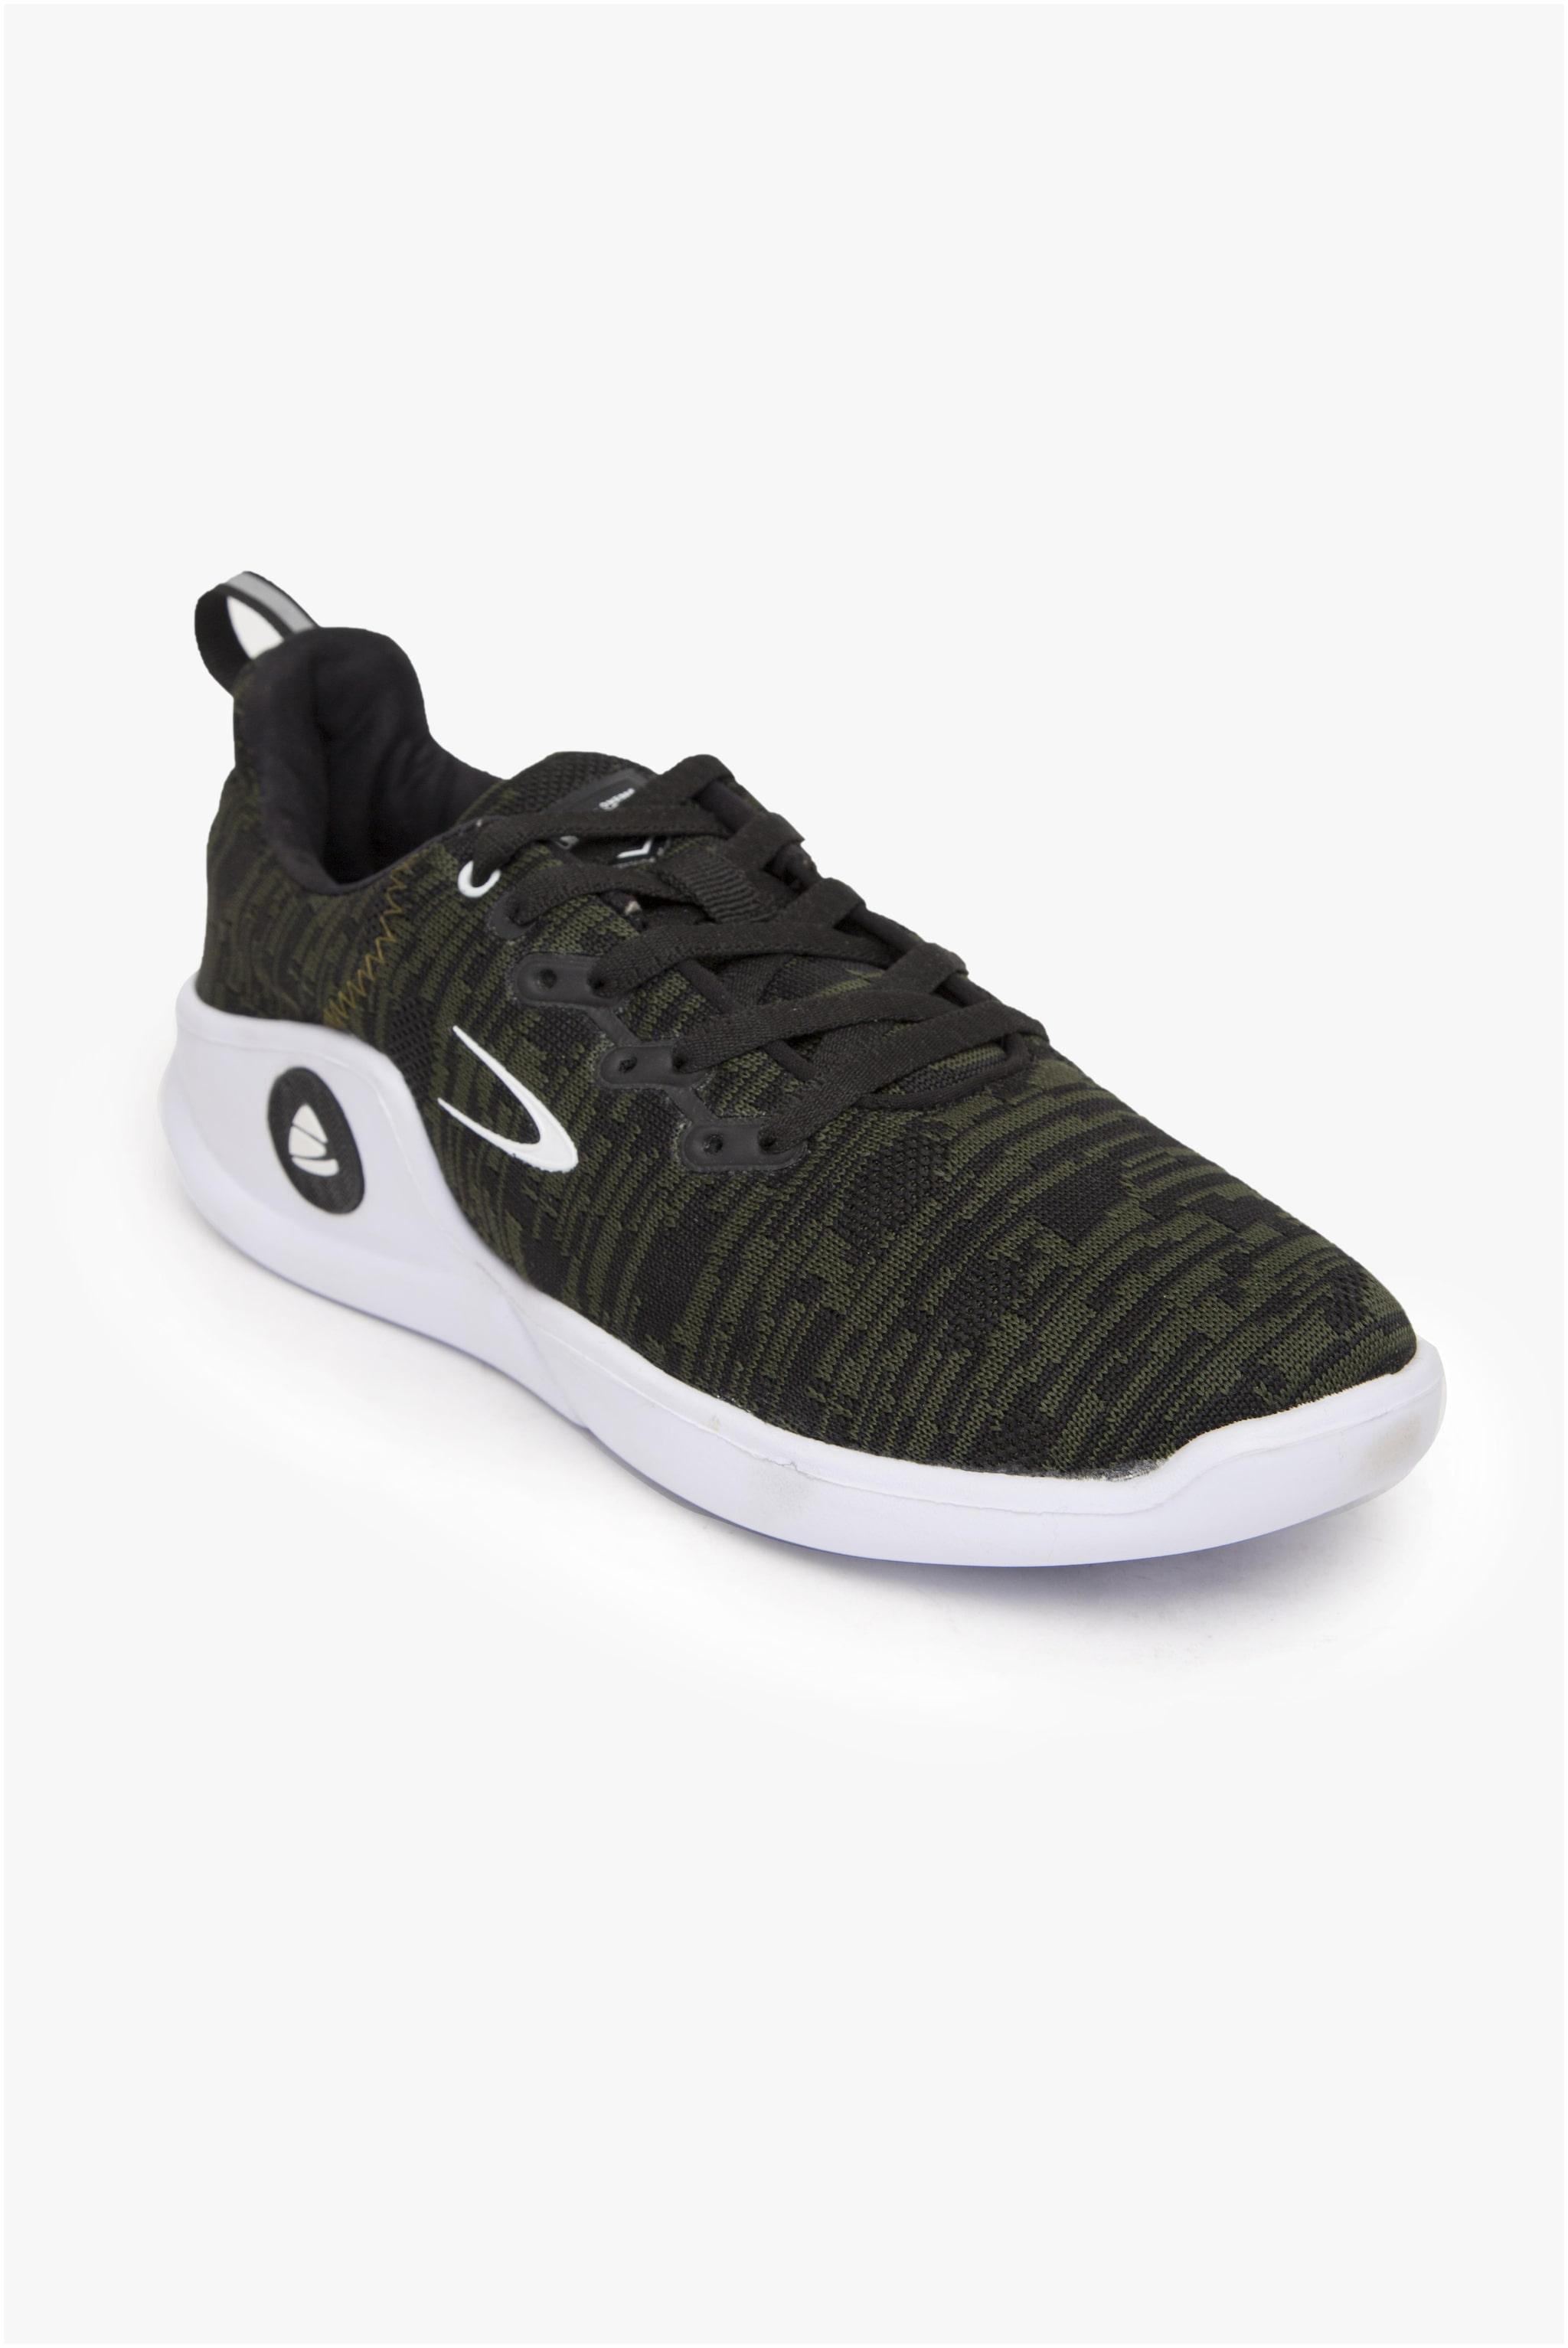 Duke Men Sports Shoe Running Shoes   Green